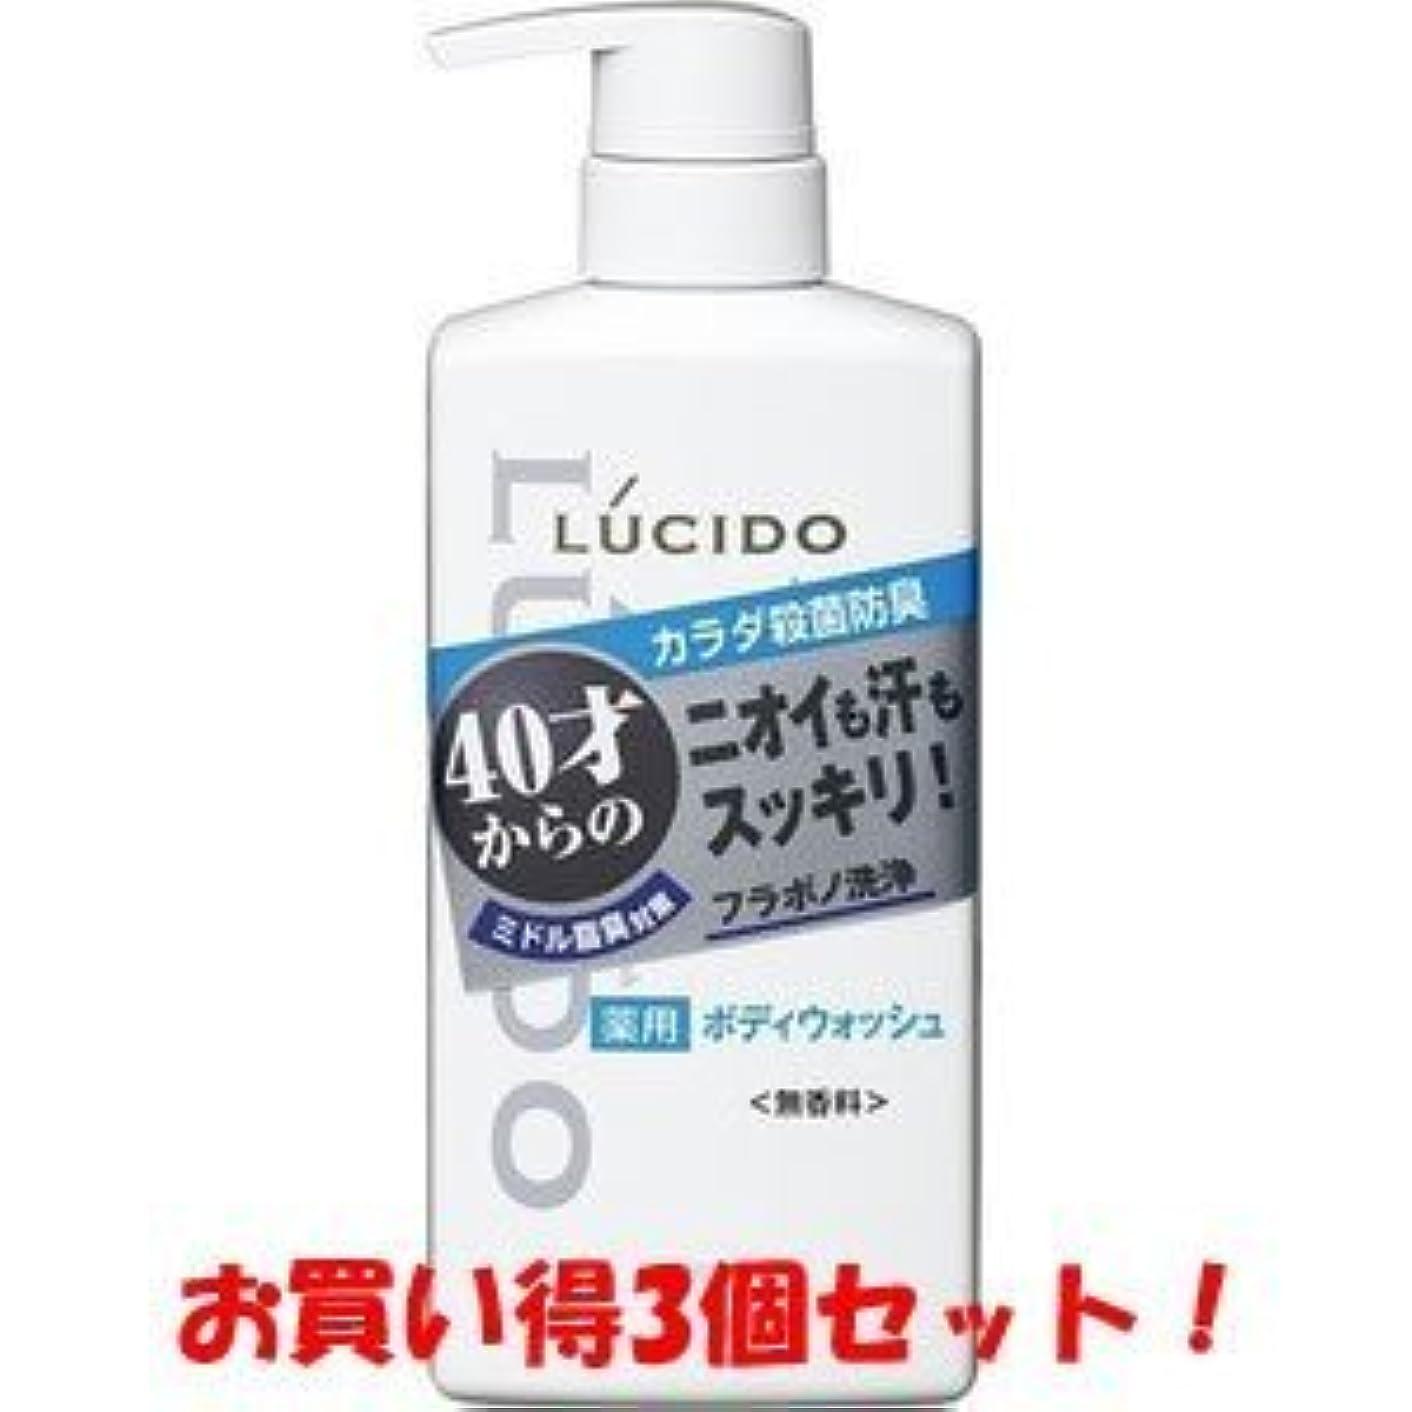 新聞物理的に金属【LUCIDO】ルシード 薬用デオドラントボディウォッシュ 450ml(医薬部外品)(お買い得3個セット)